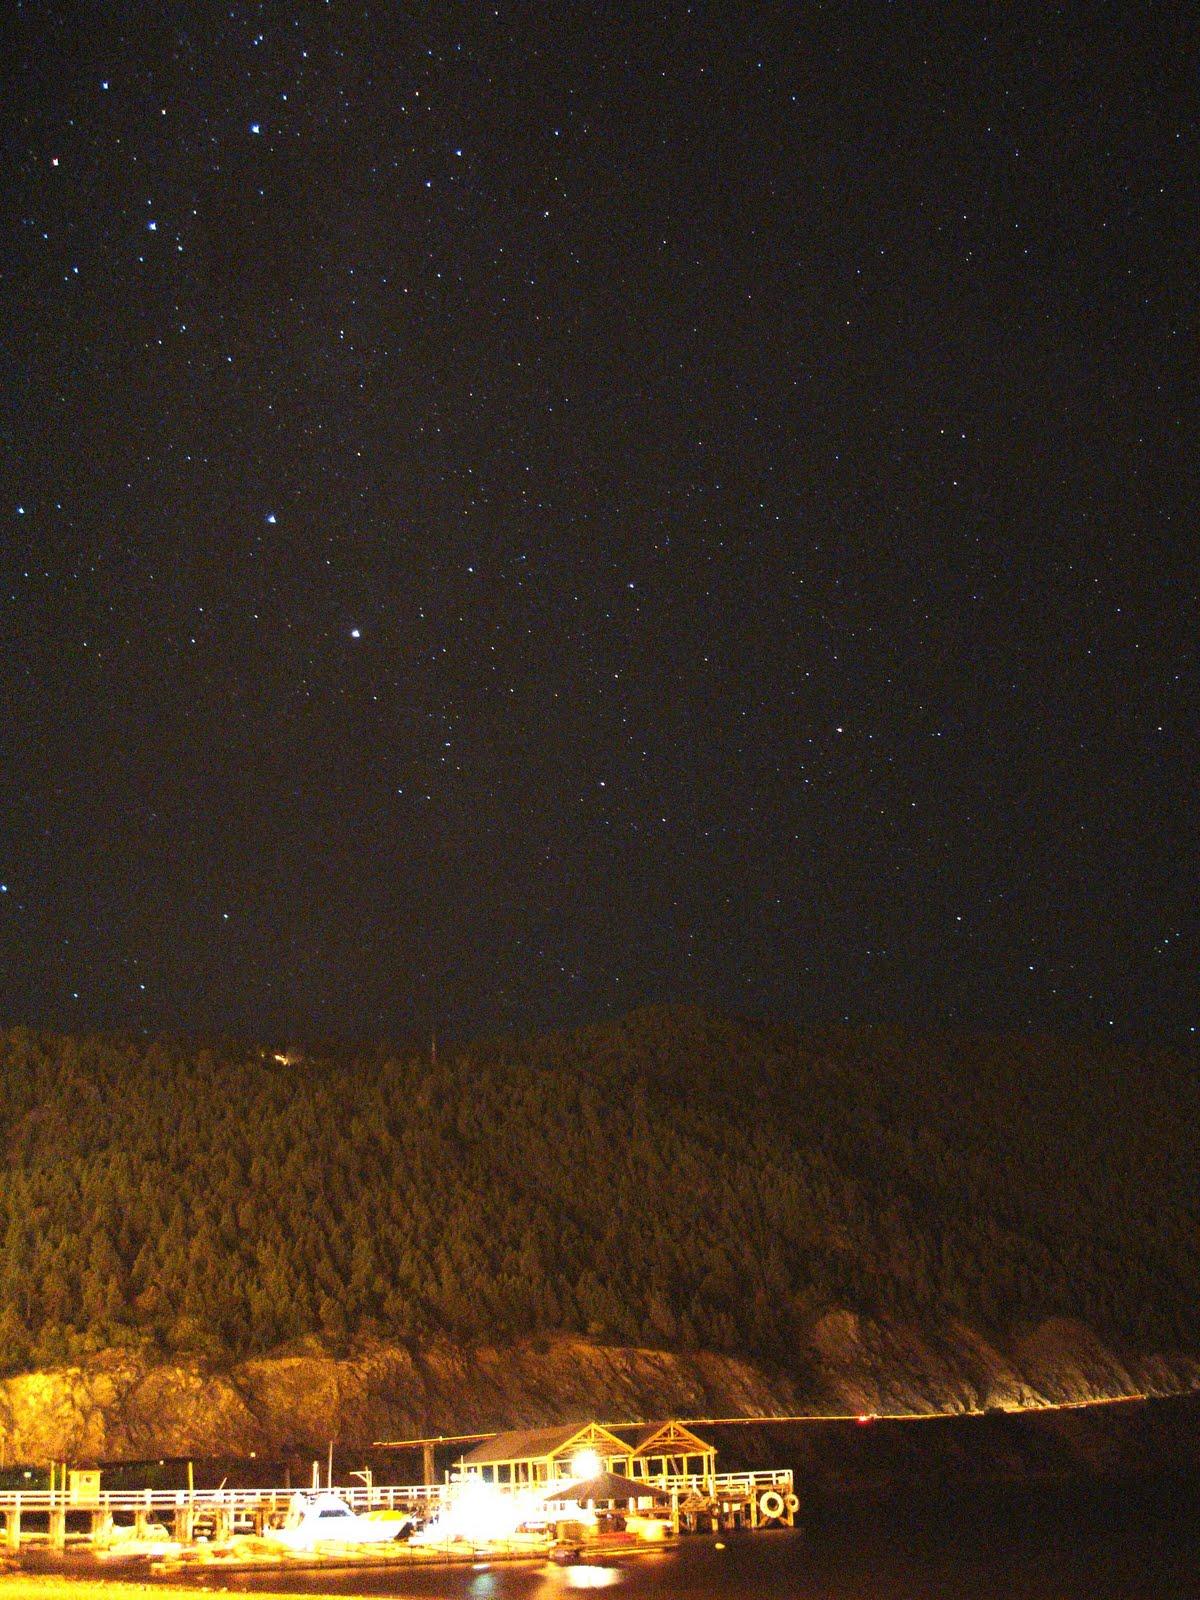 Los Principios Básicos El Cielo Taraceado De Estrellas